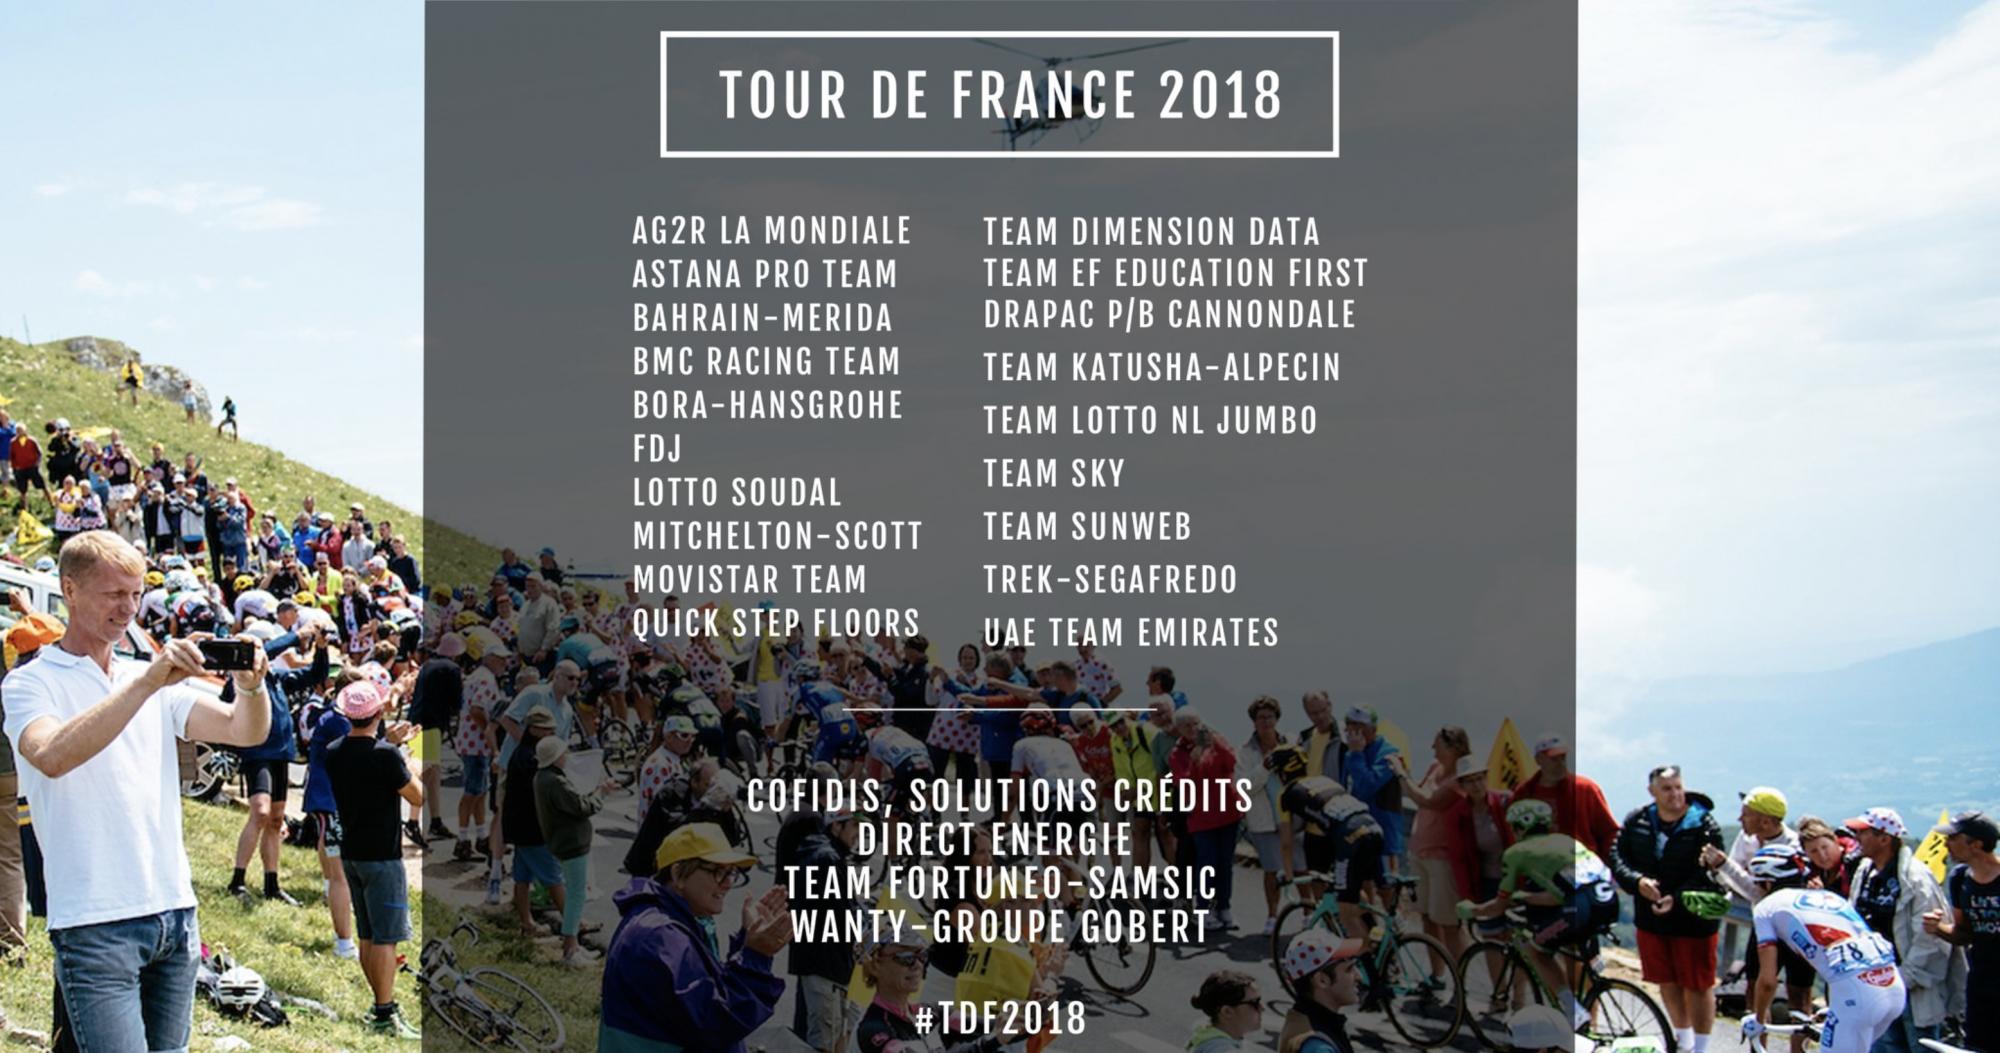 Le WildCards al Tour de France 2018